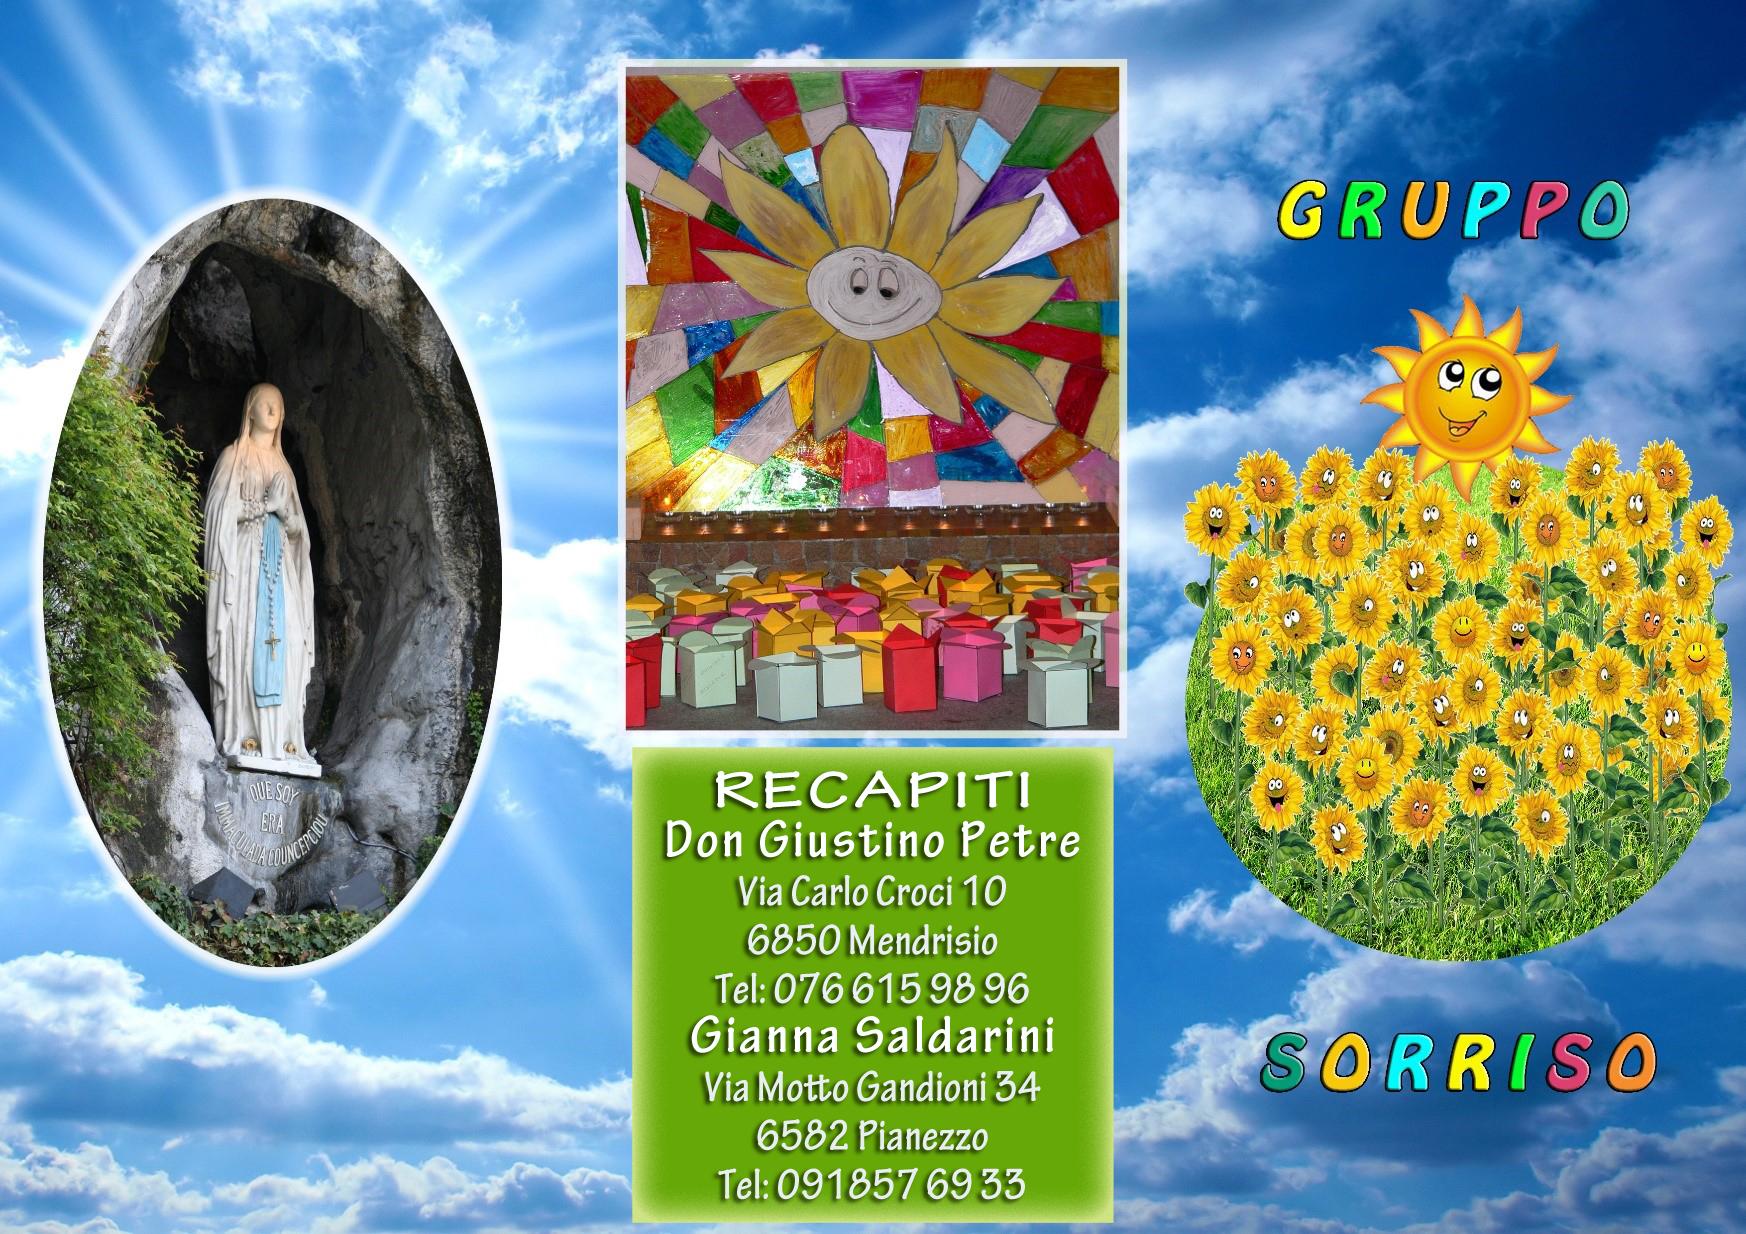 Gruppo Sorriso_1